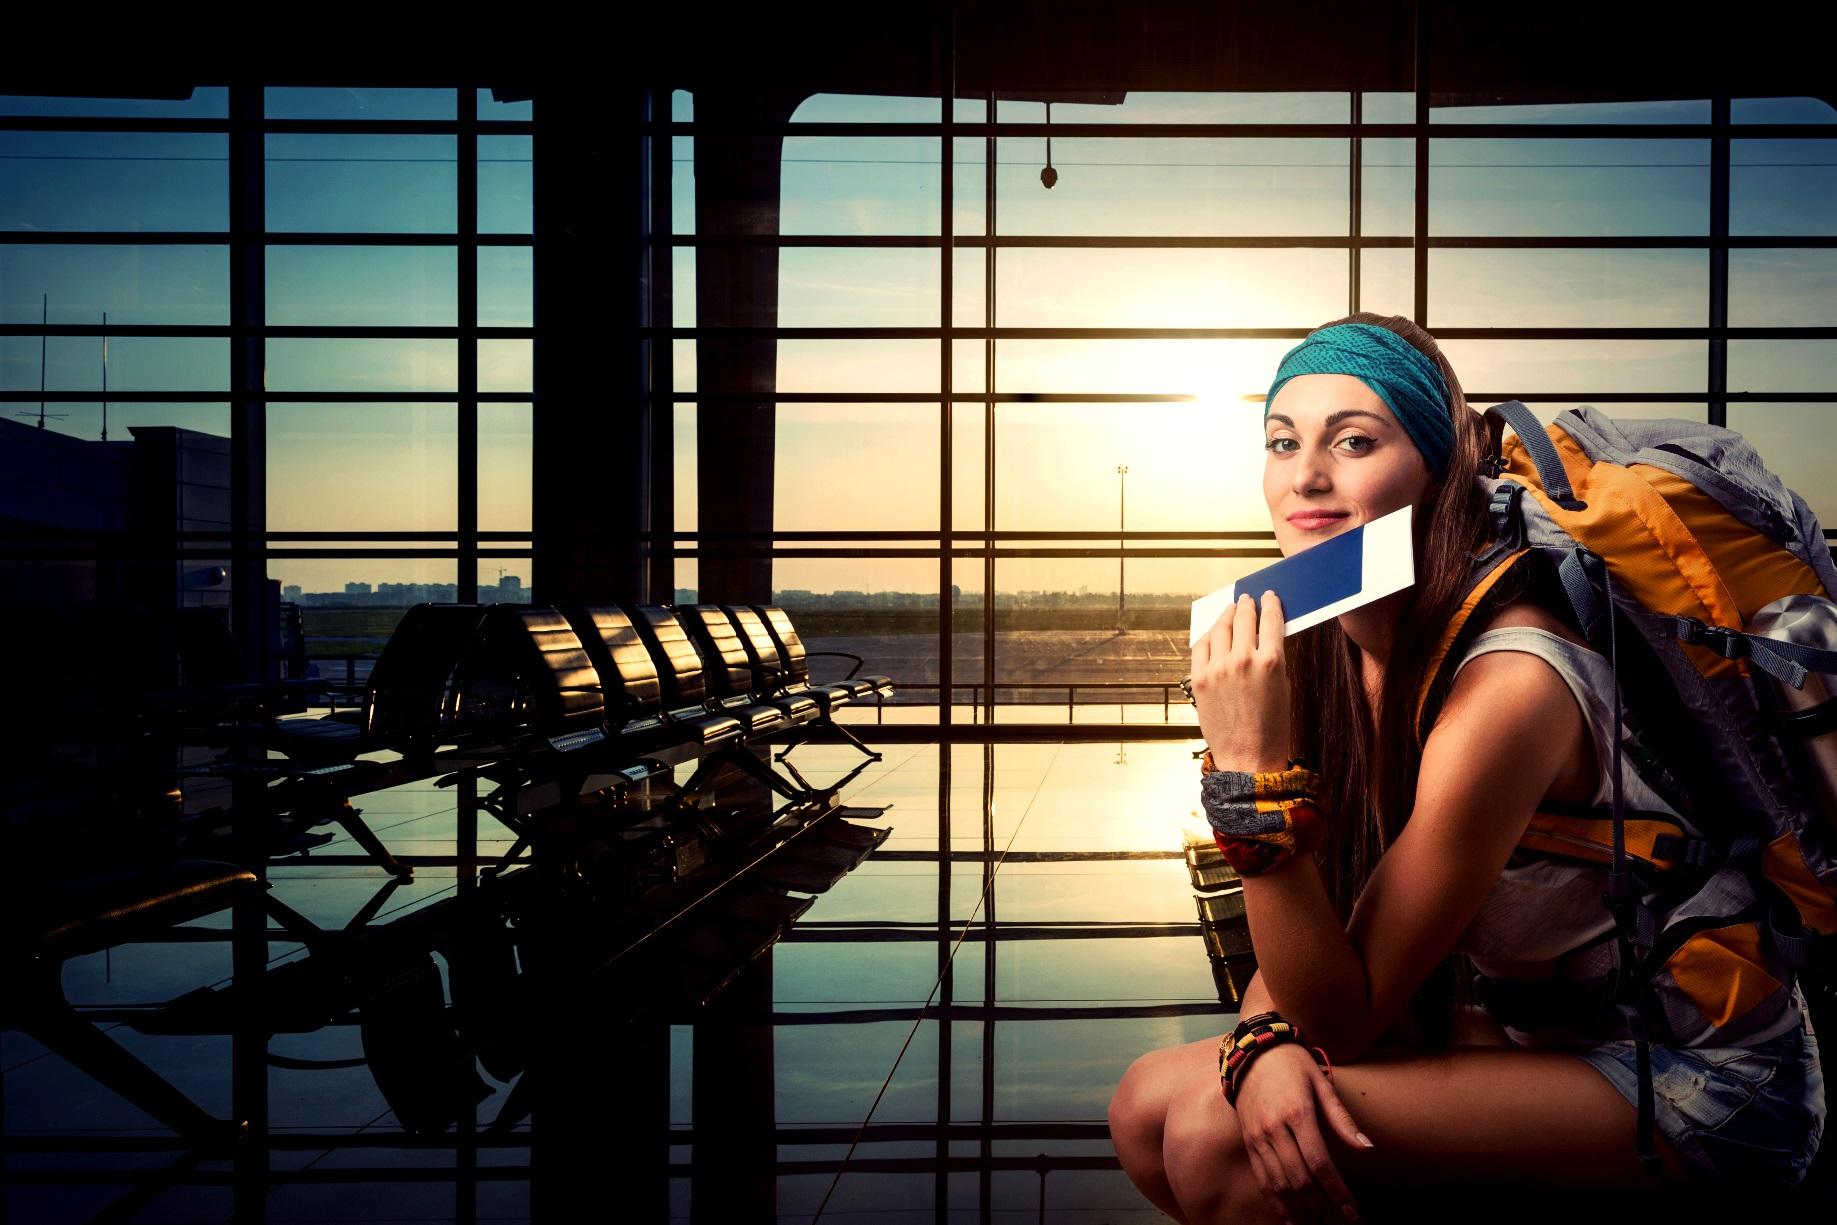 Mujer-viajando-sola